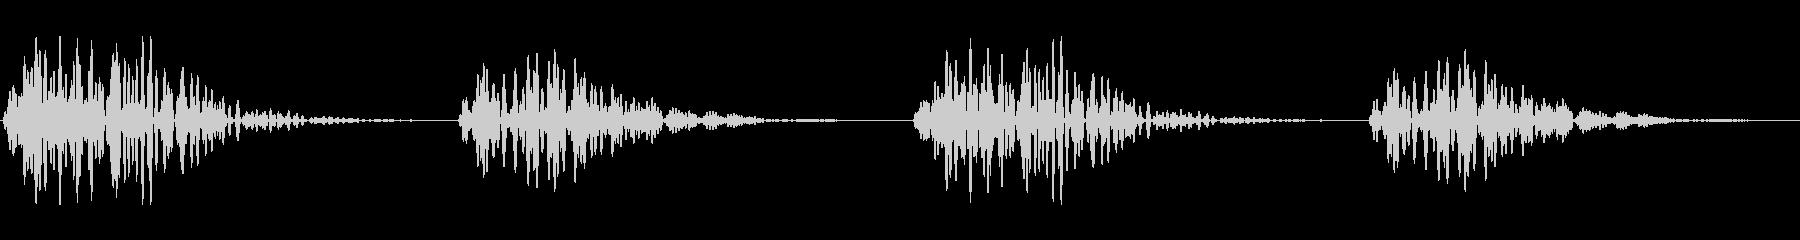 ピコピコ(キャンセル 操作音 間違い)の未再生の波形